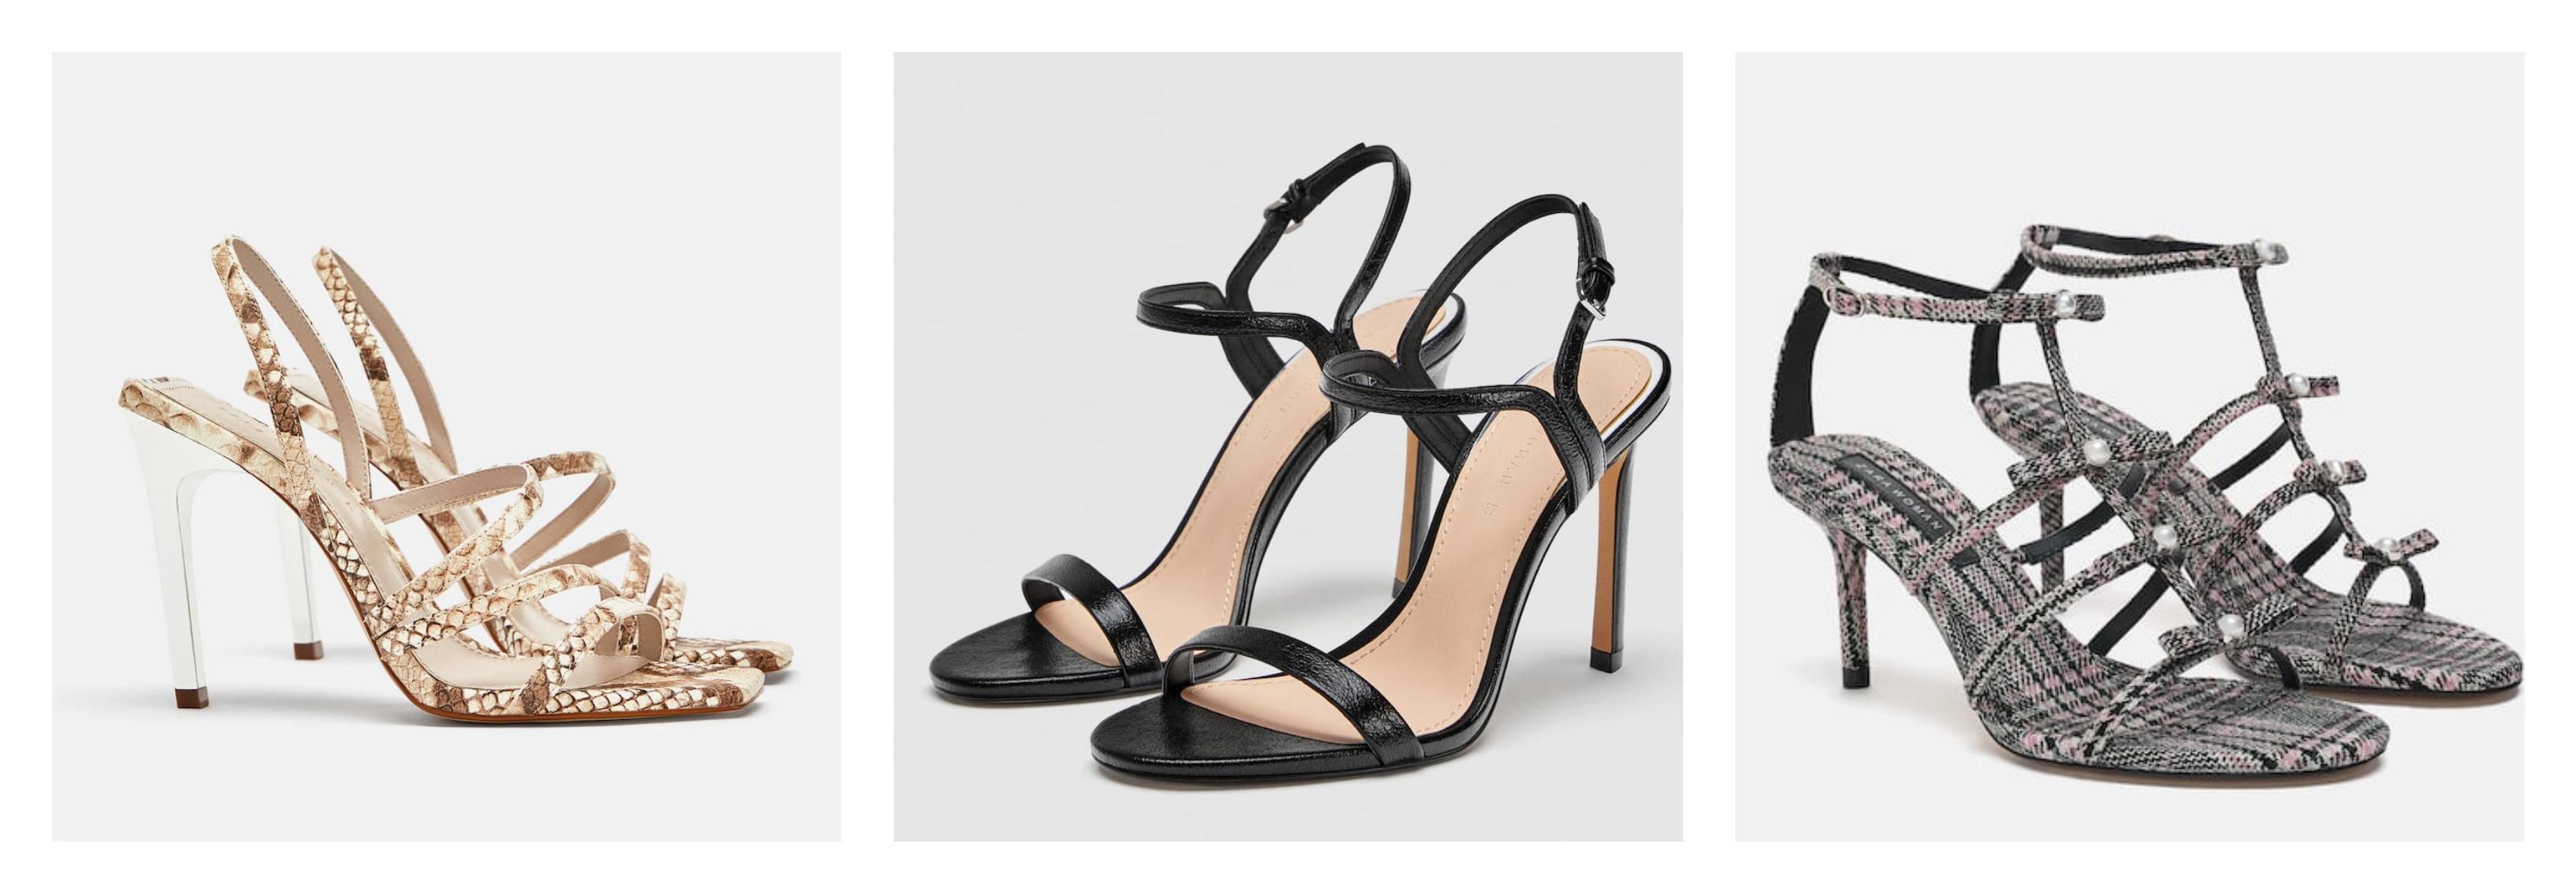 Ništa bez remenčića: Pronašli smo najljepše sandale za vruće ljetne noći